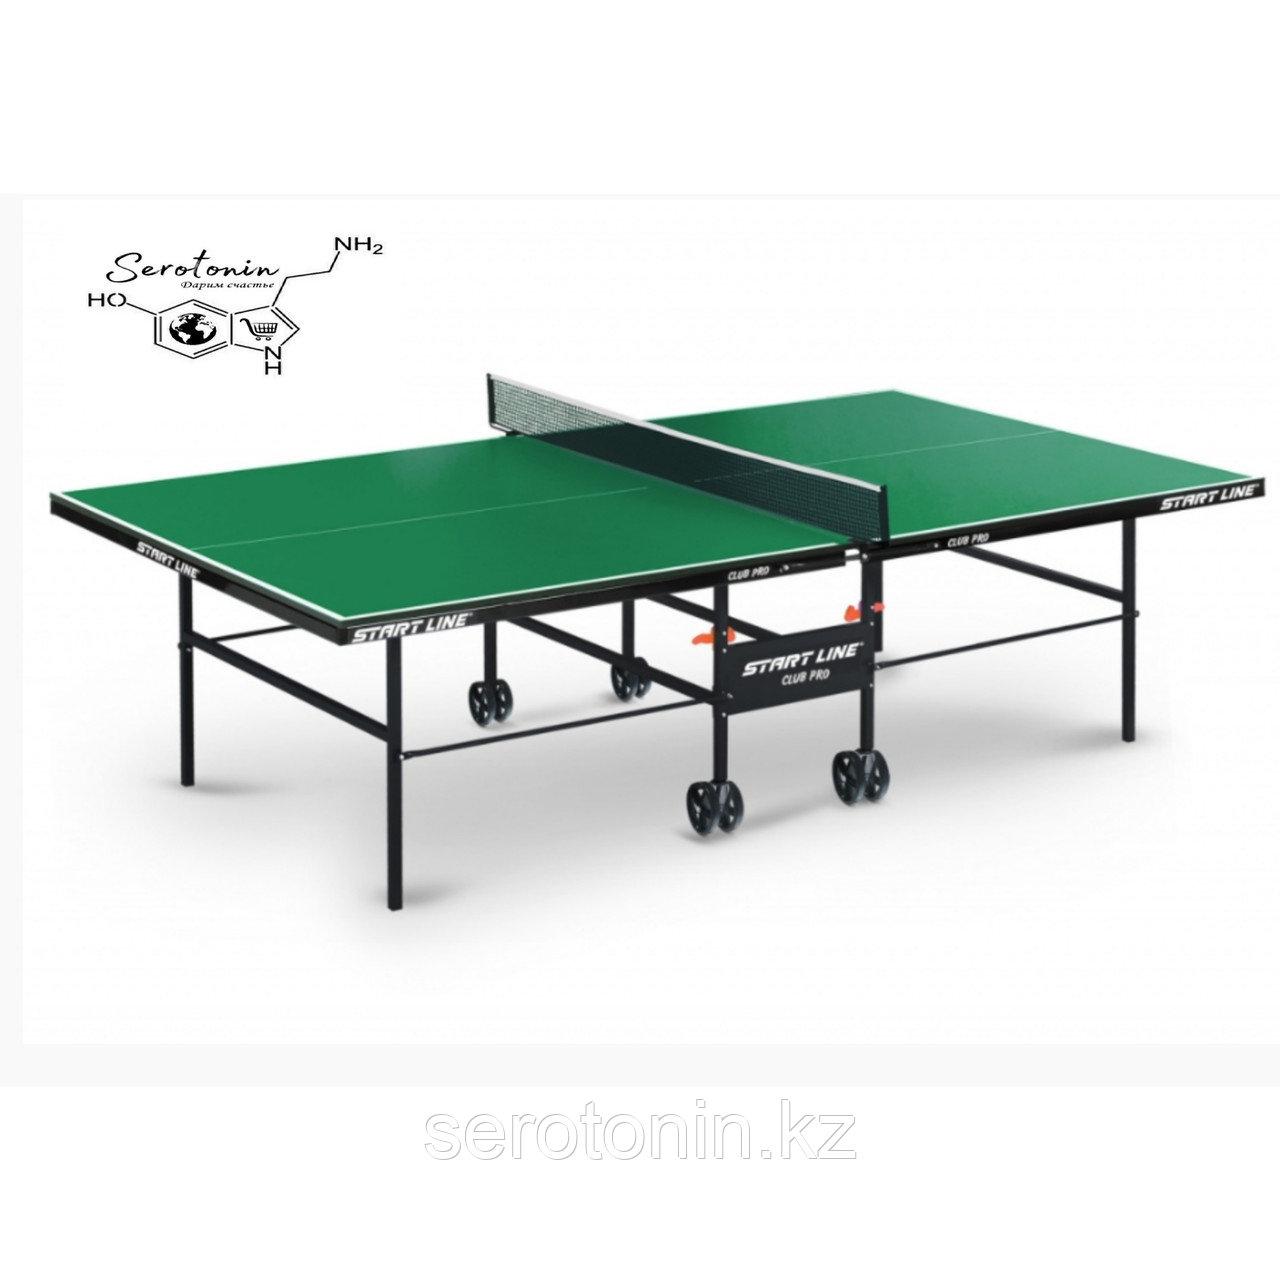 Теннисный стол Club Pro green с сеткой